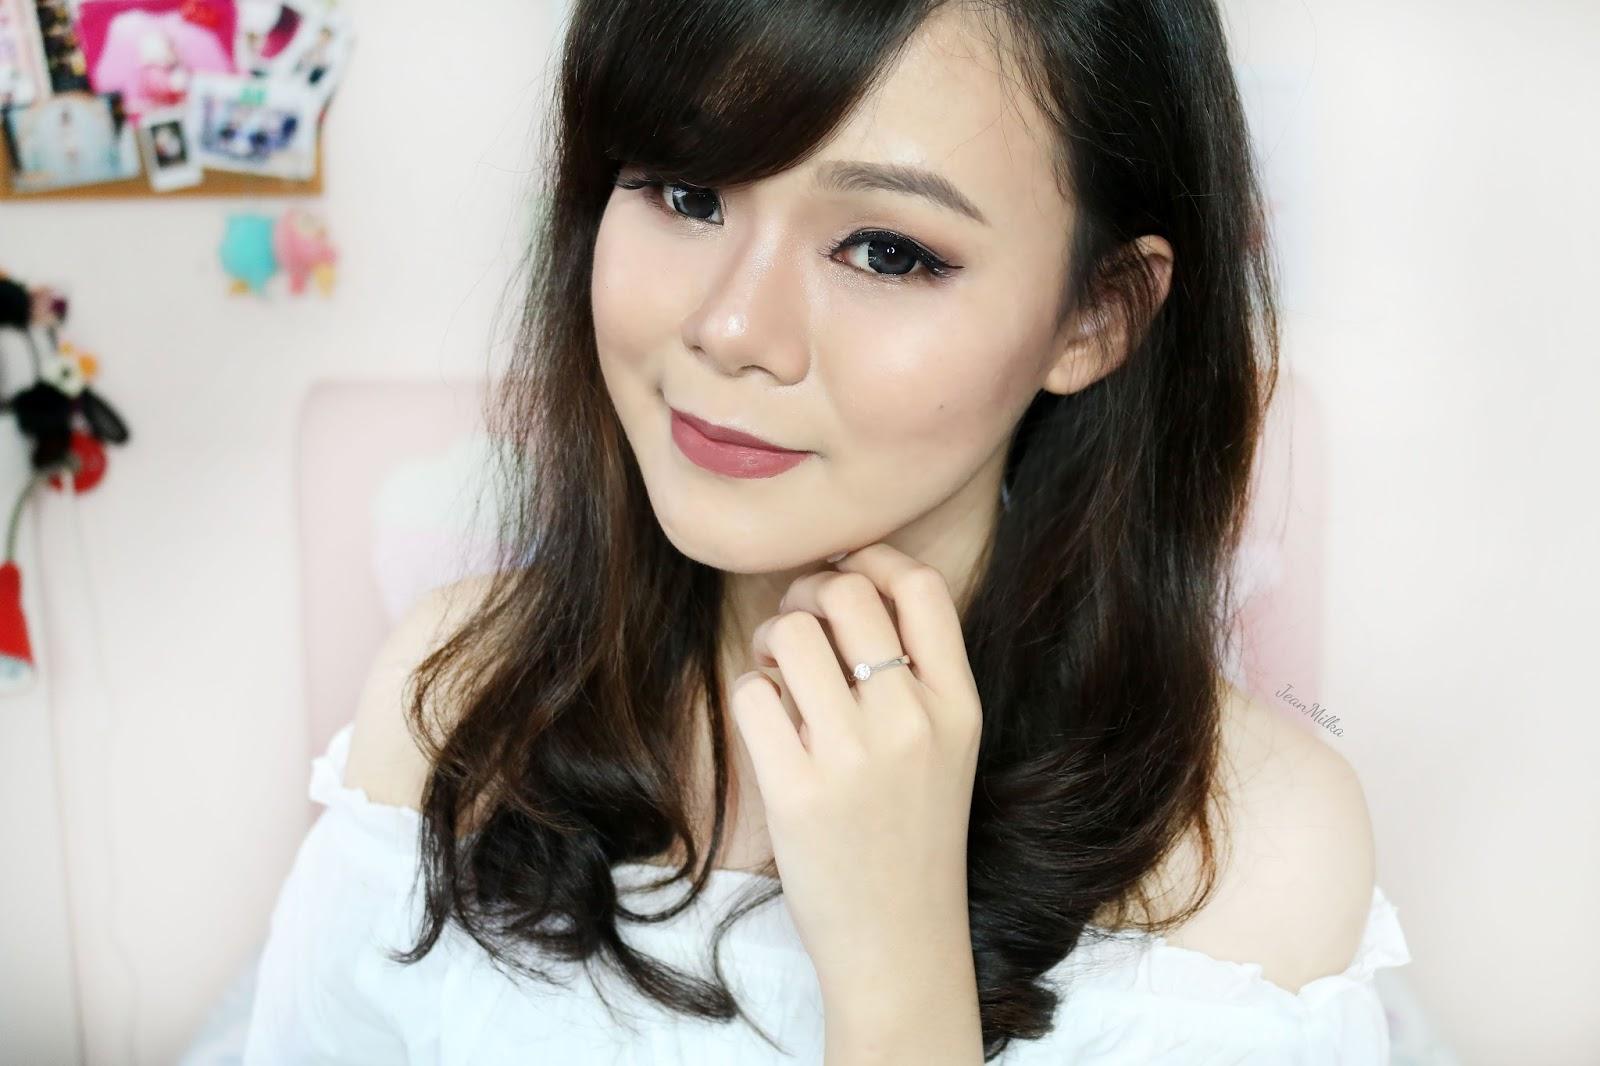 tutorial, tutorial makeup, makeup, makeup tutorial, makeup natural, my go to makeup, makeup sehari-hari, everyday makeup, korean makeup, korean style makeup, makeup untuk asia, makeup untuk indonesia